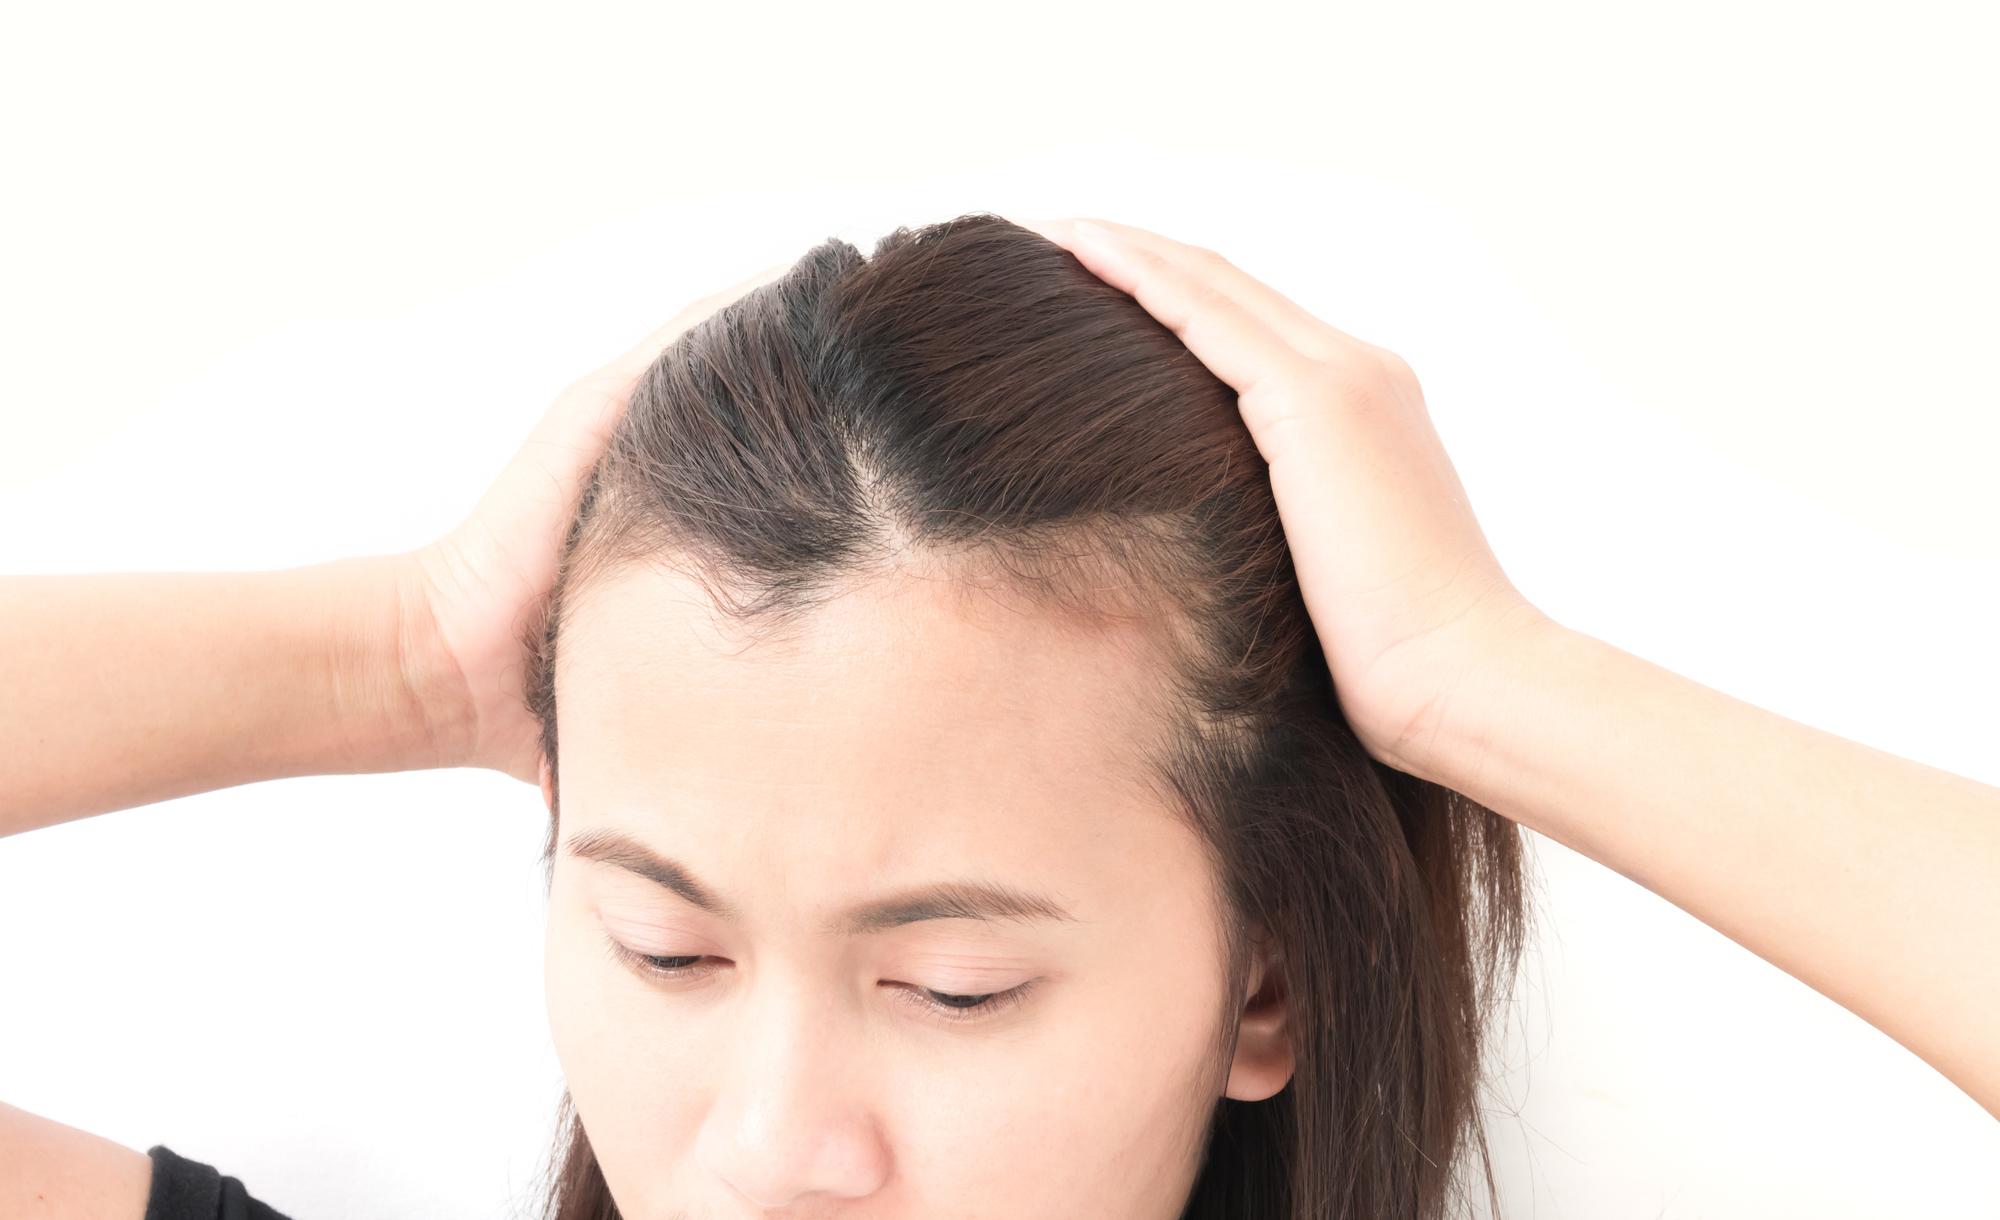 産後3ヶ月目に抜け毛がひどい時の対処法